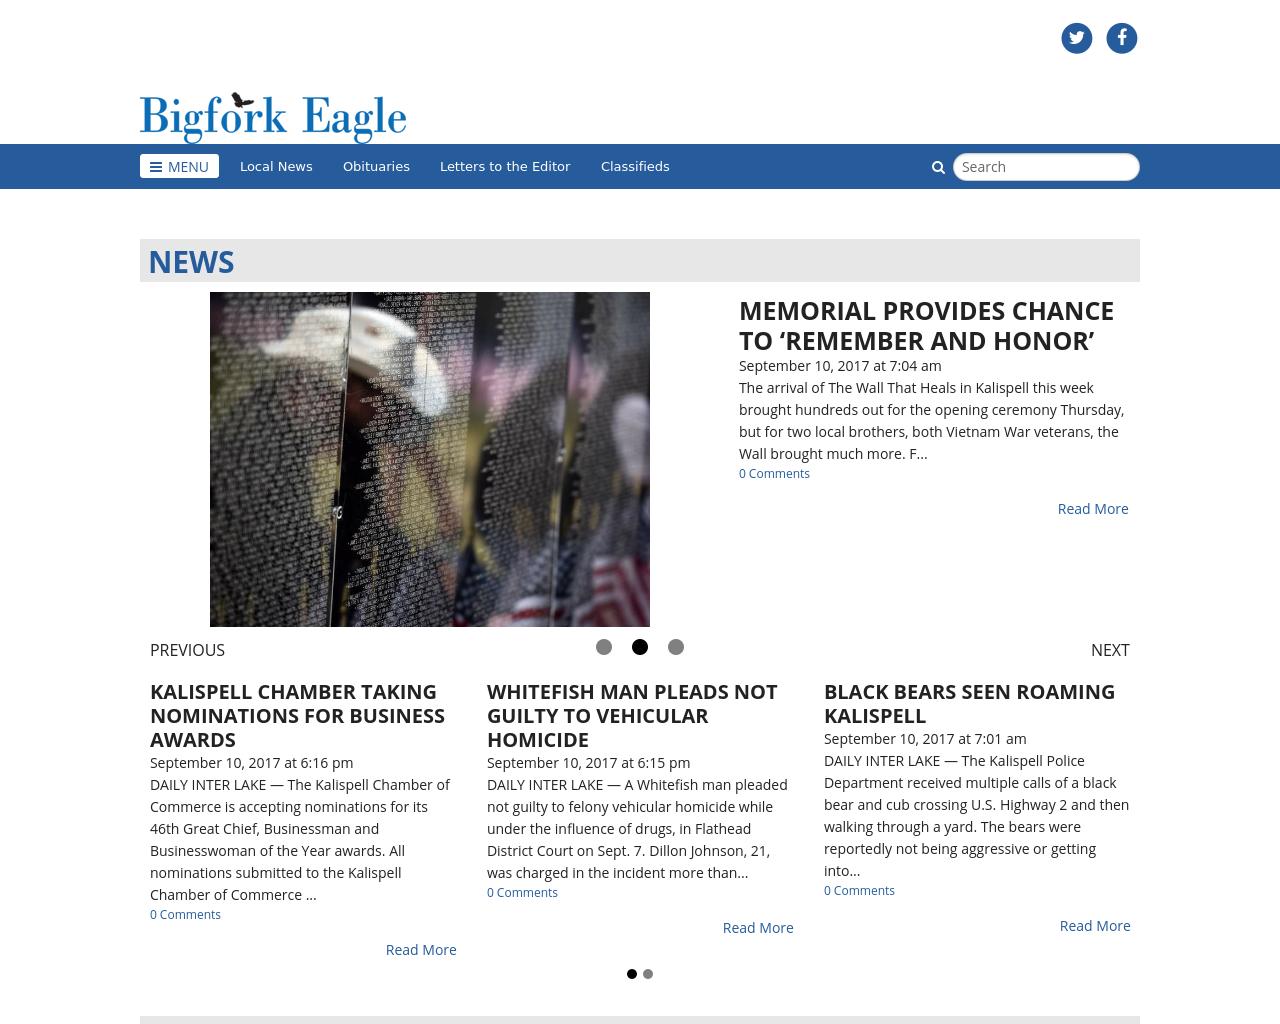 Bigfork-Eagle-Advertising-Reviews-Pricing